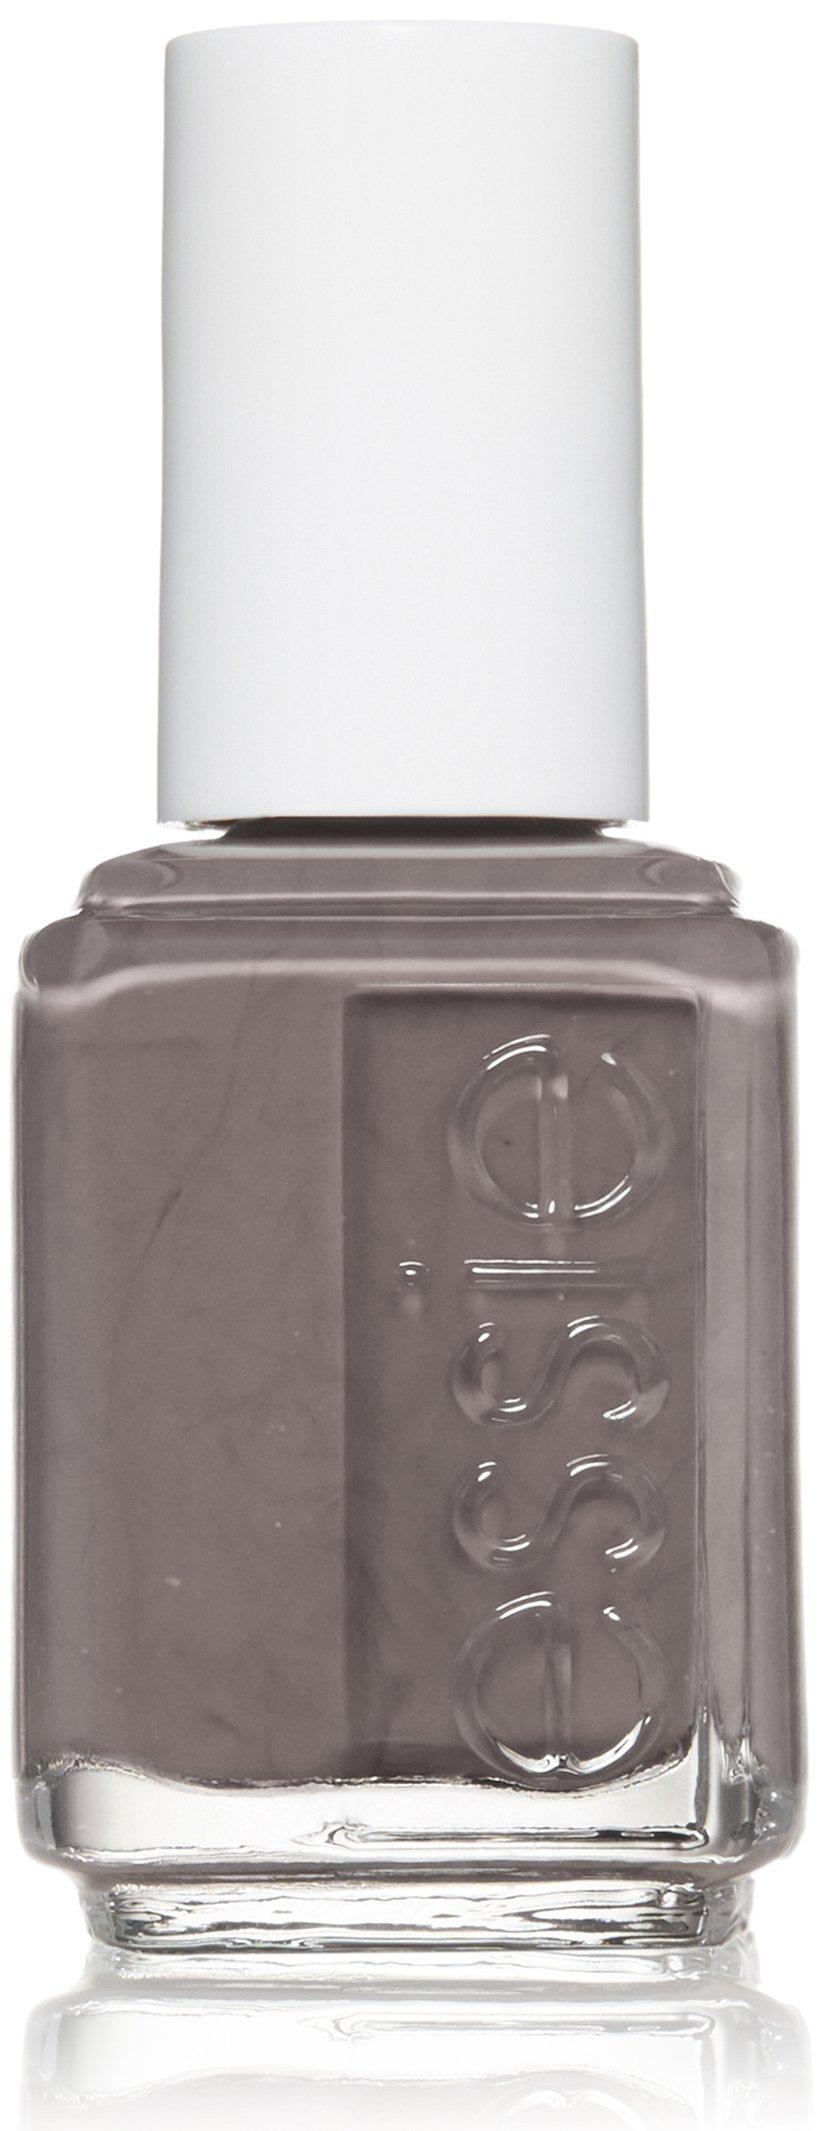 essie nail polish, chinchilly, gray nail polish, 0.46 fl. oz.